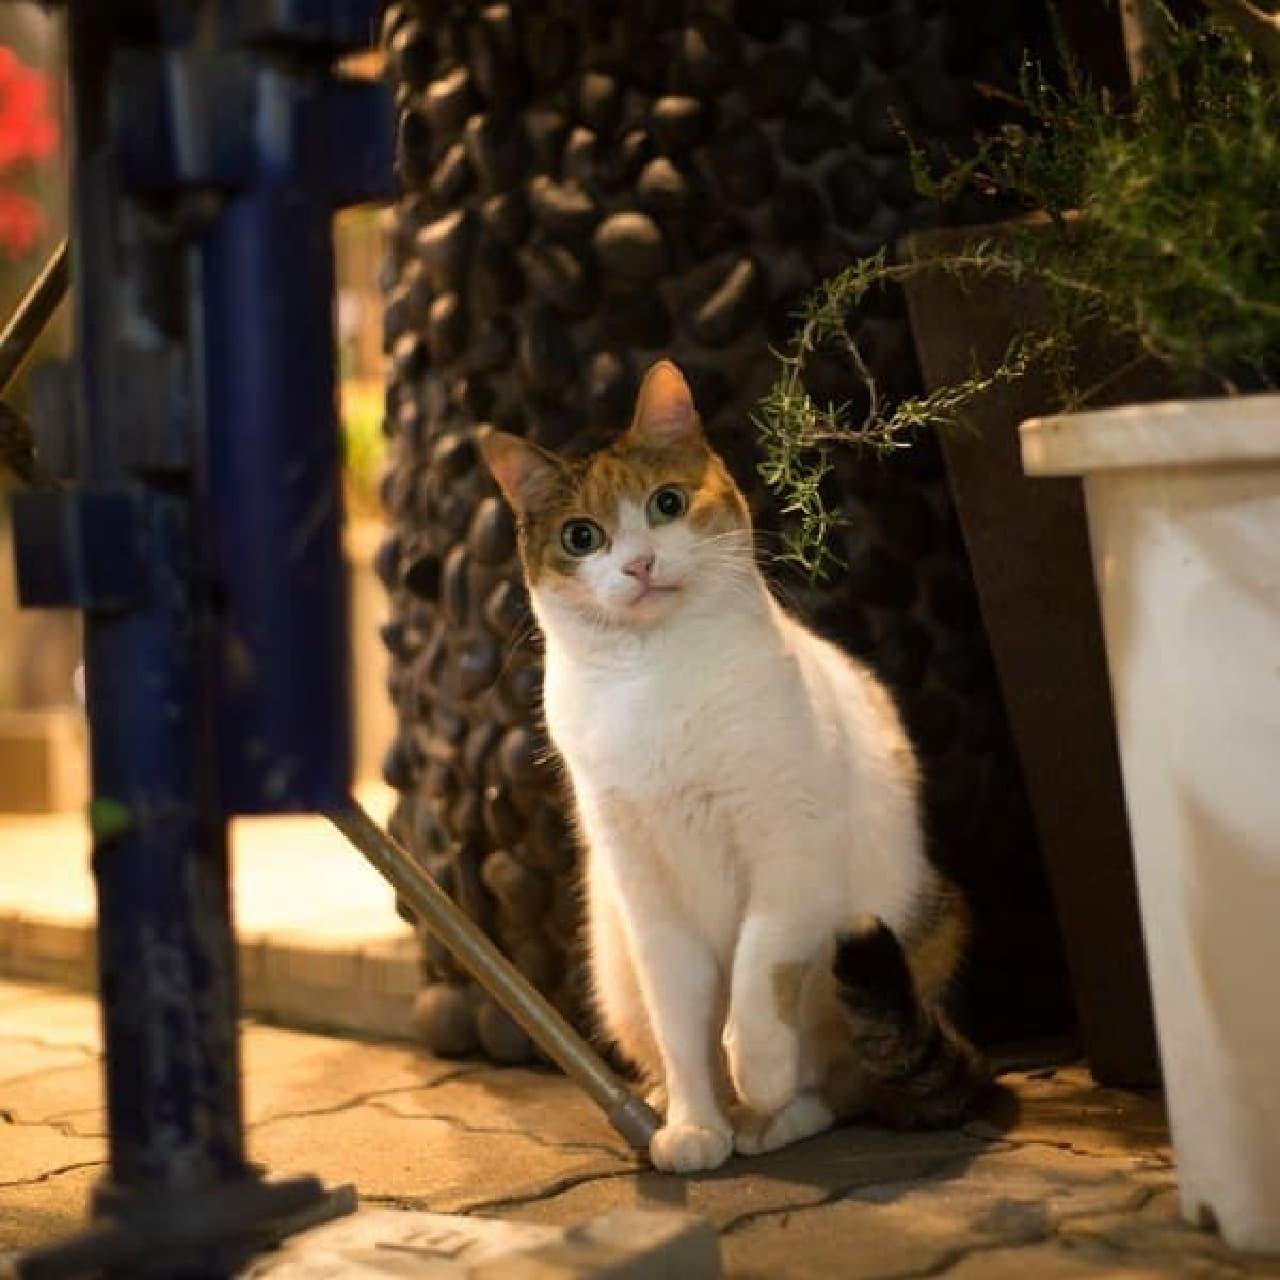 人もネコも、目が大きいと美人に見えますね